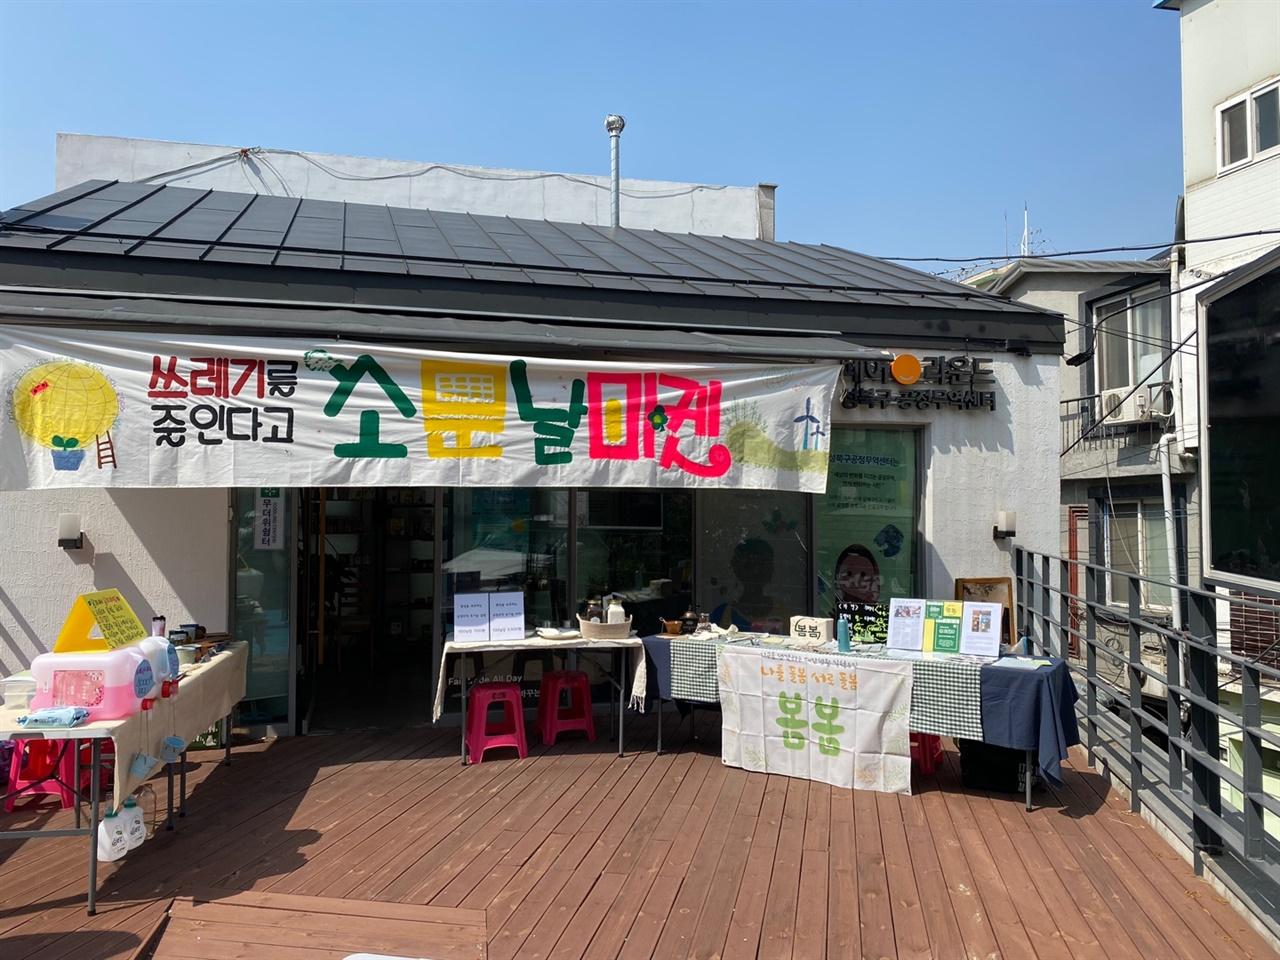 소문날 마-켓 전경 성북구 공정무역센터에서 열렸다.